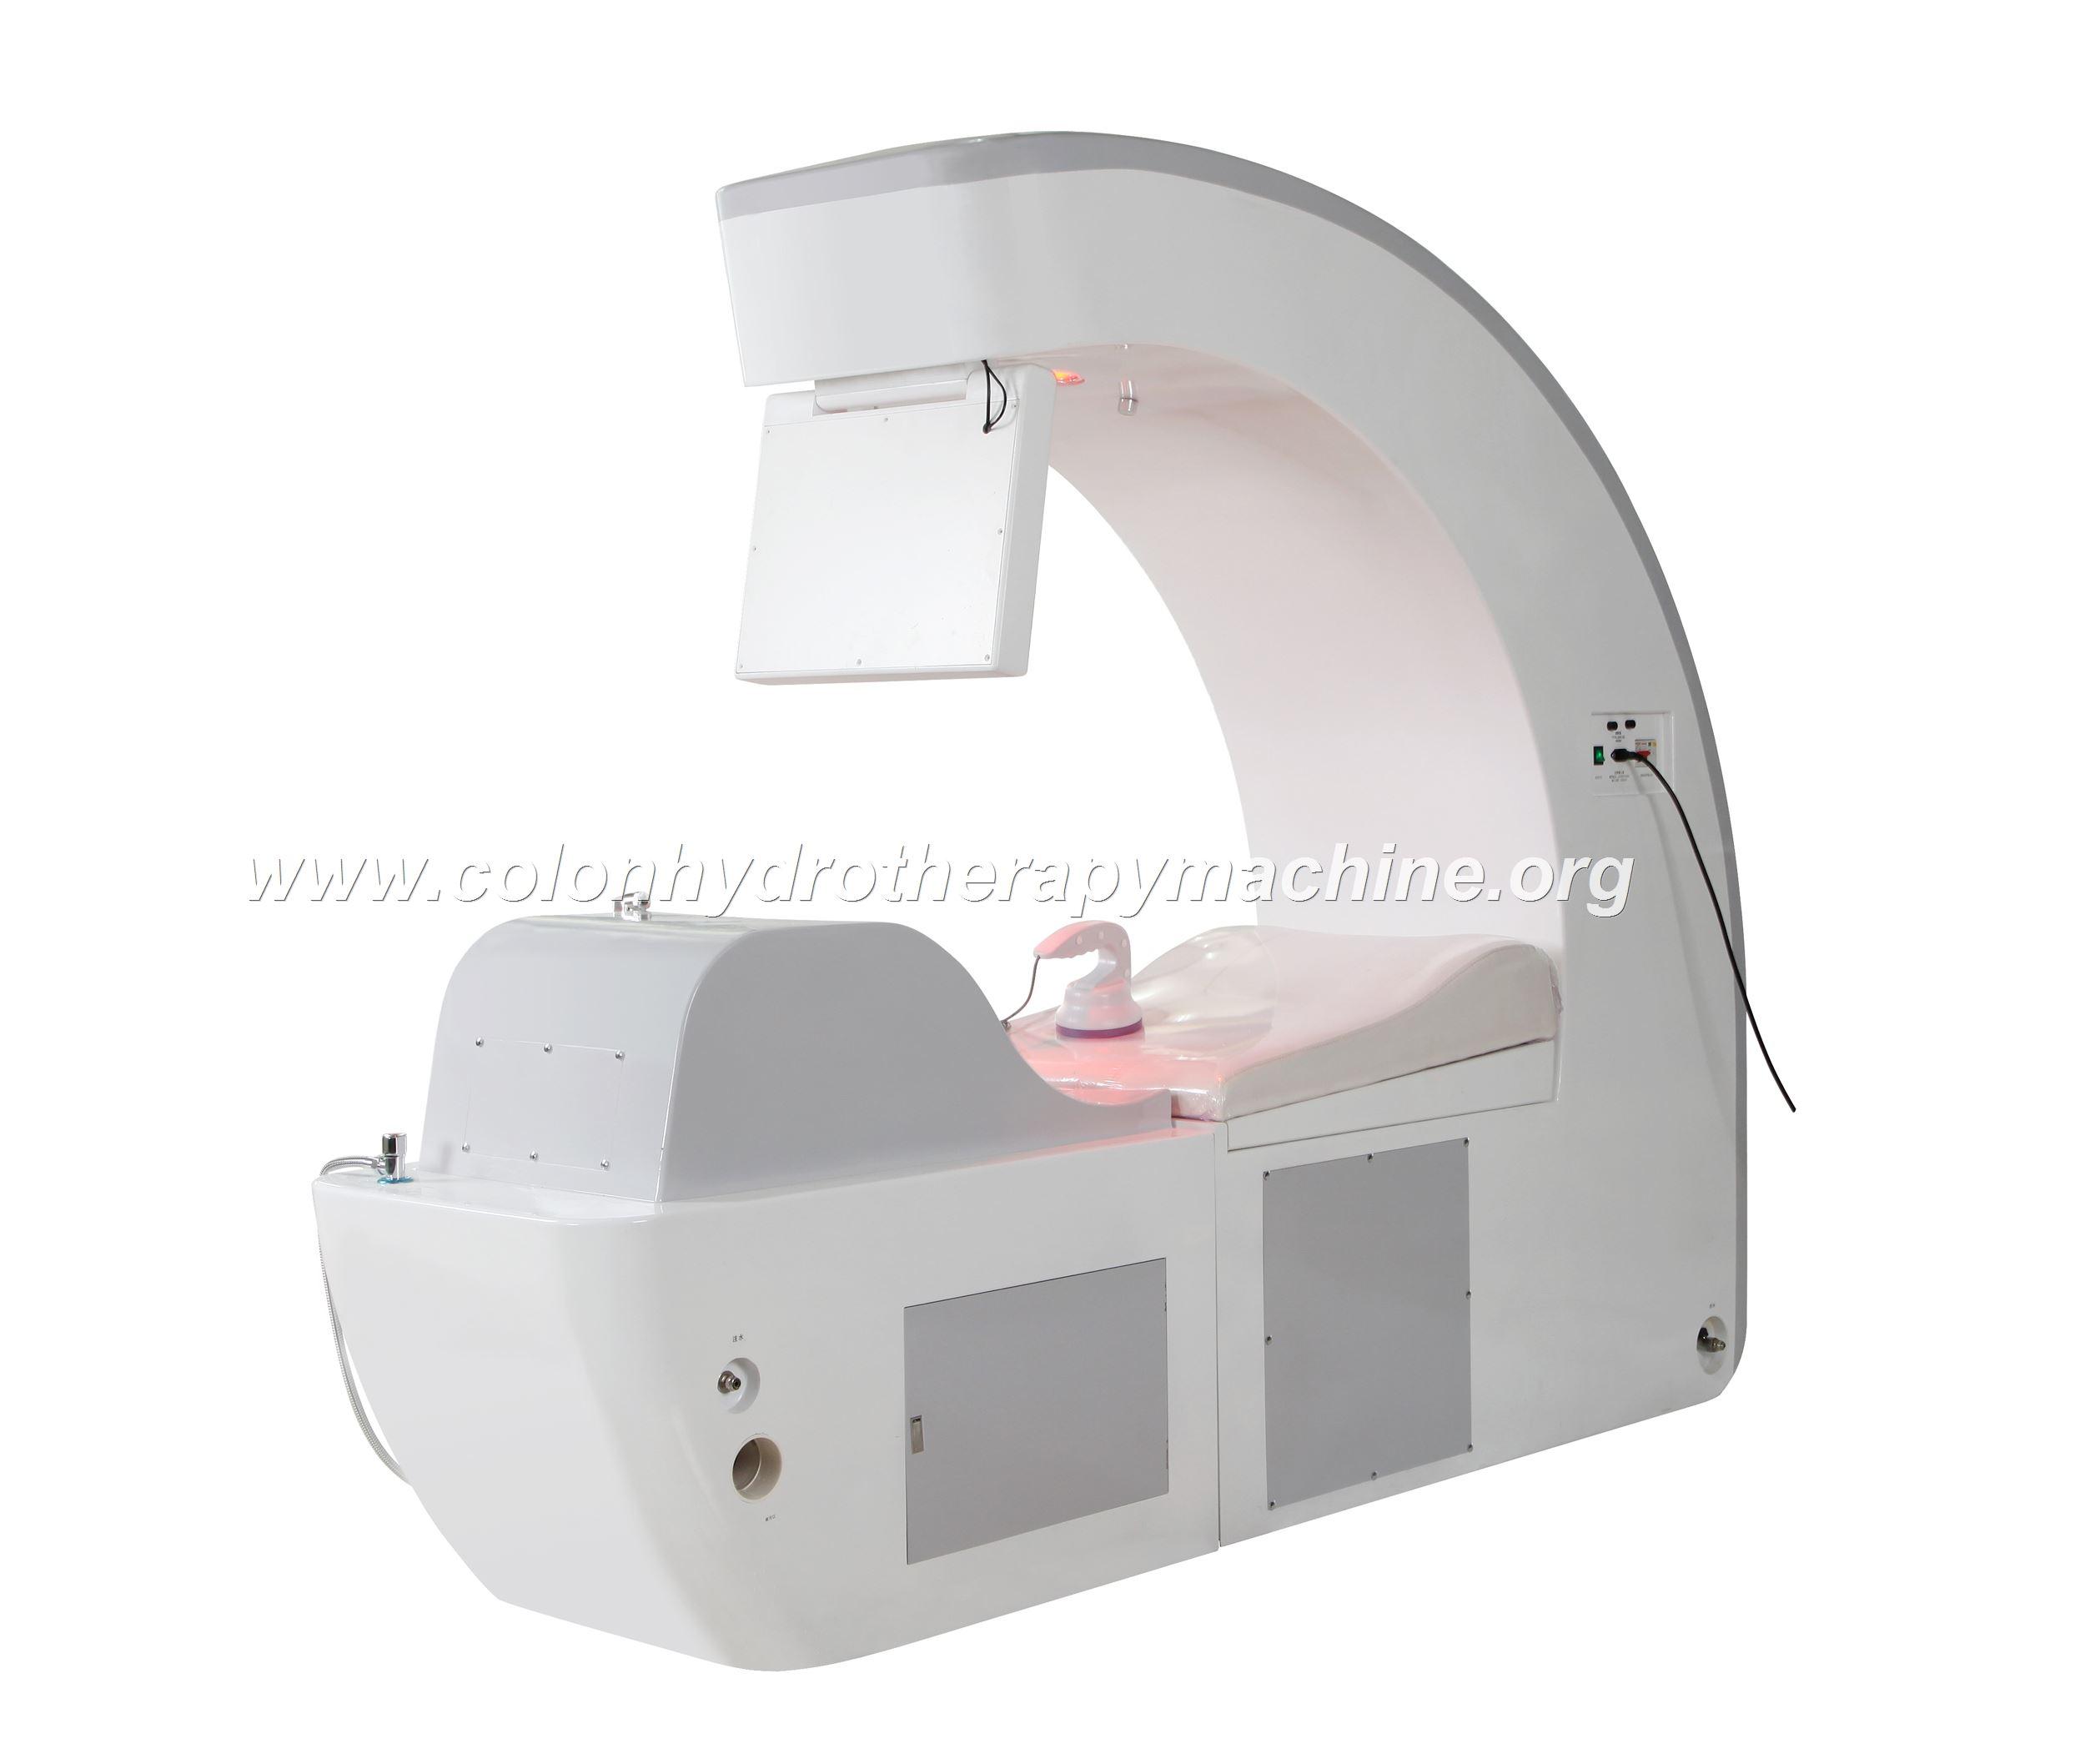 hydro colon therapy machine in india